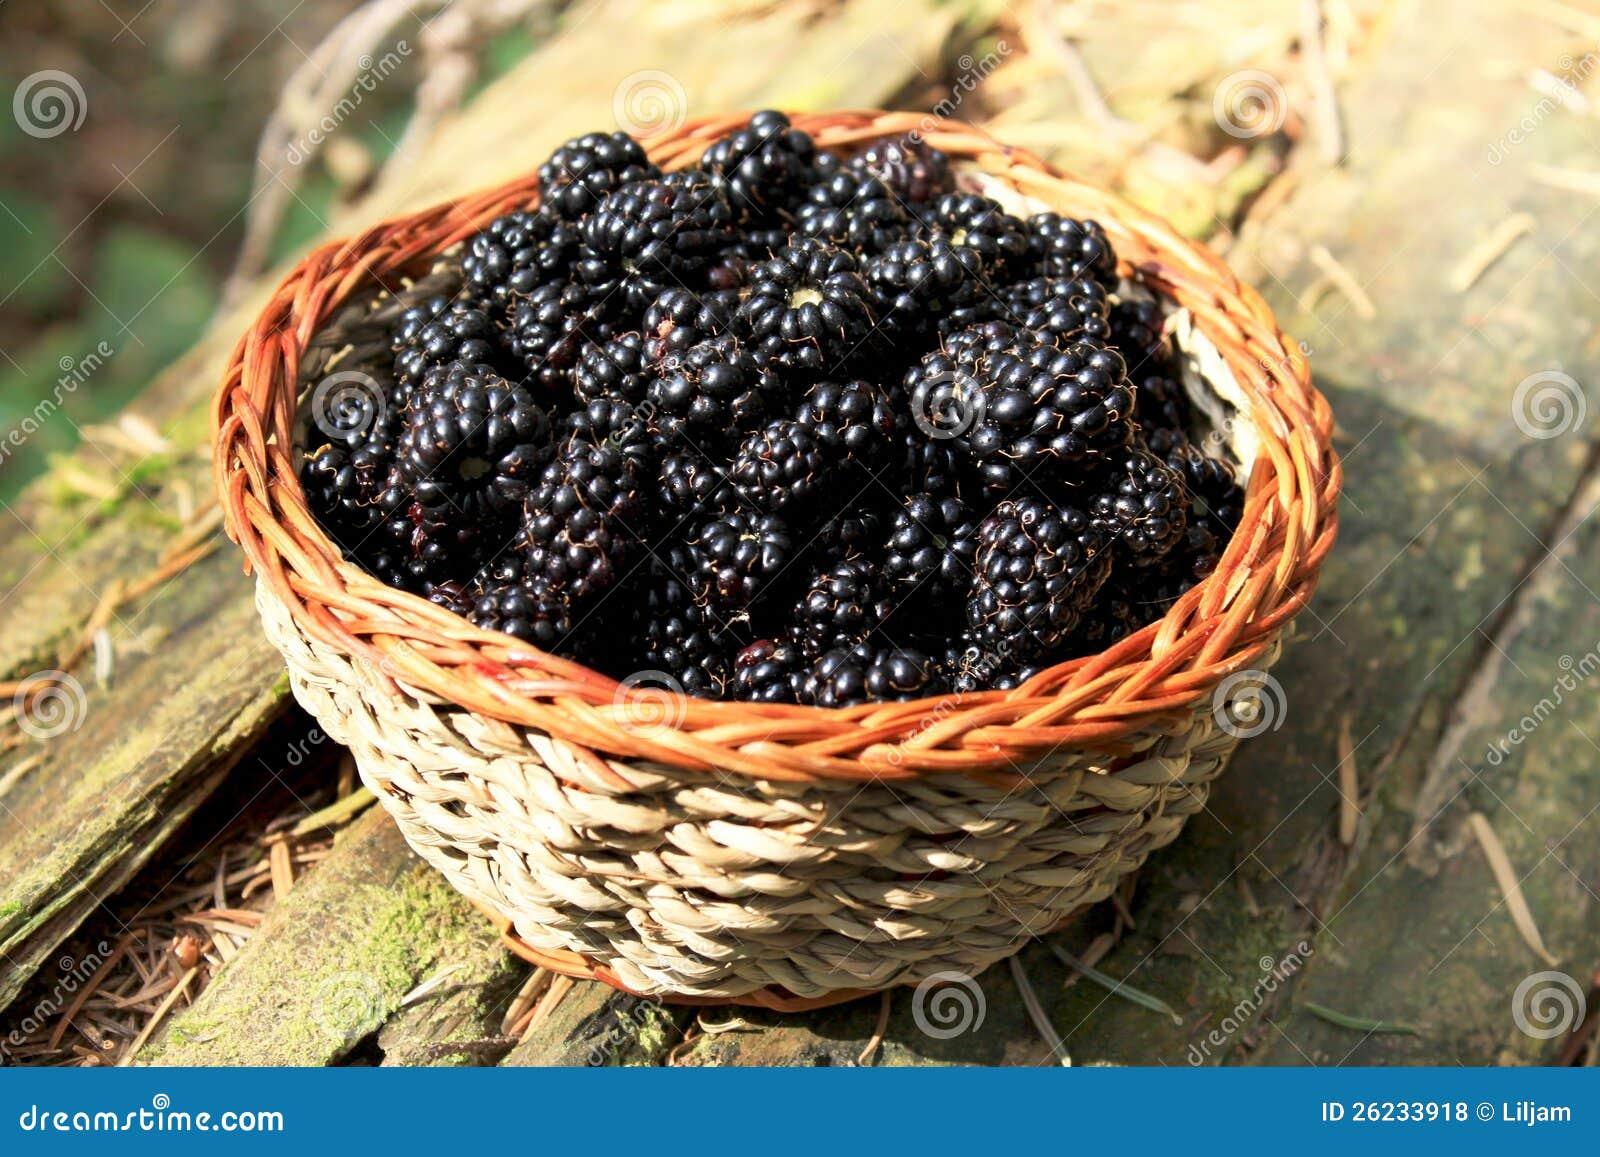 acheter en ligne 9f975 e47b7 Fresh Blackberry Basket From The Forest Stock Photo - Image ...